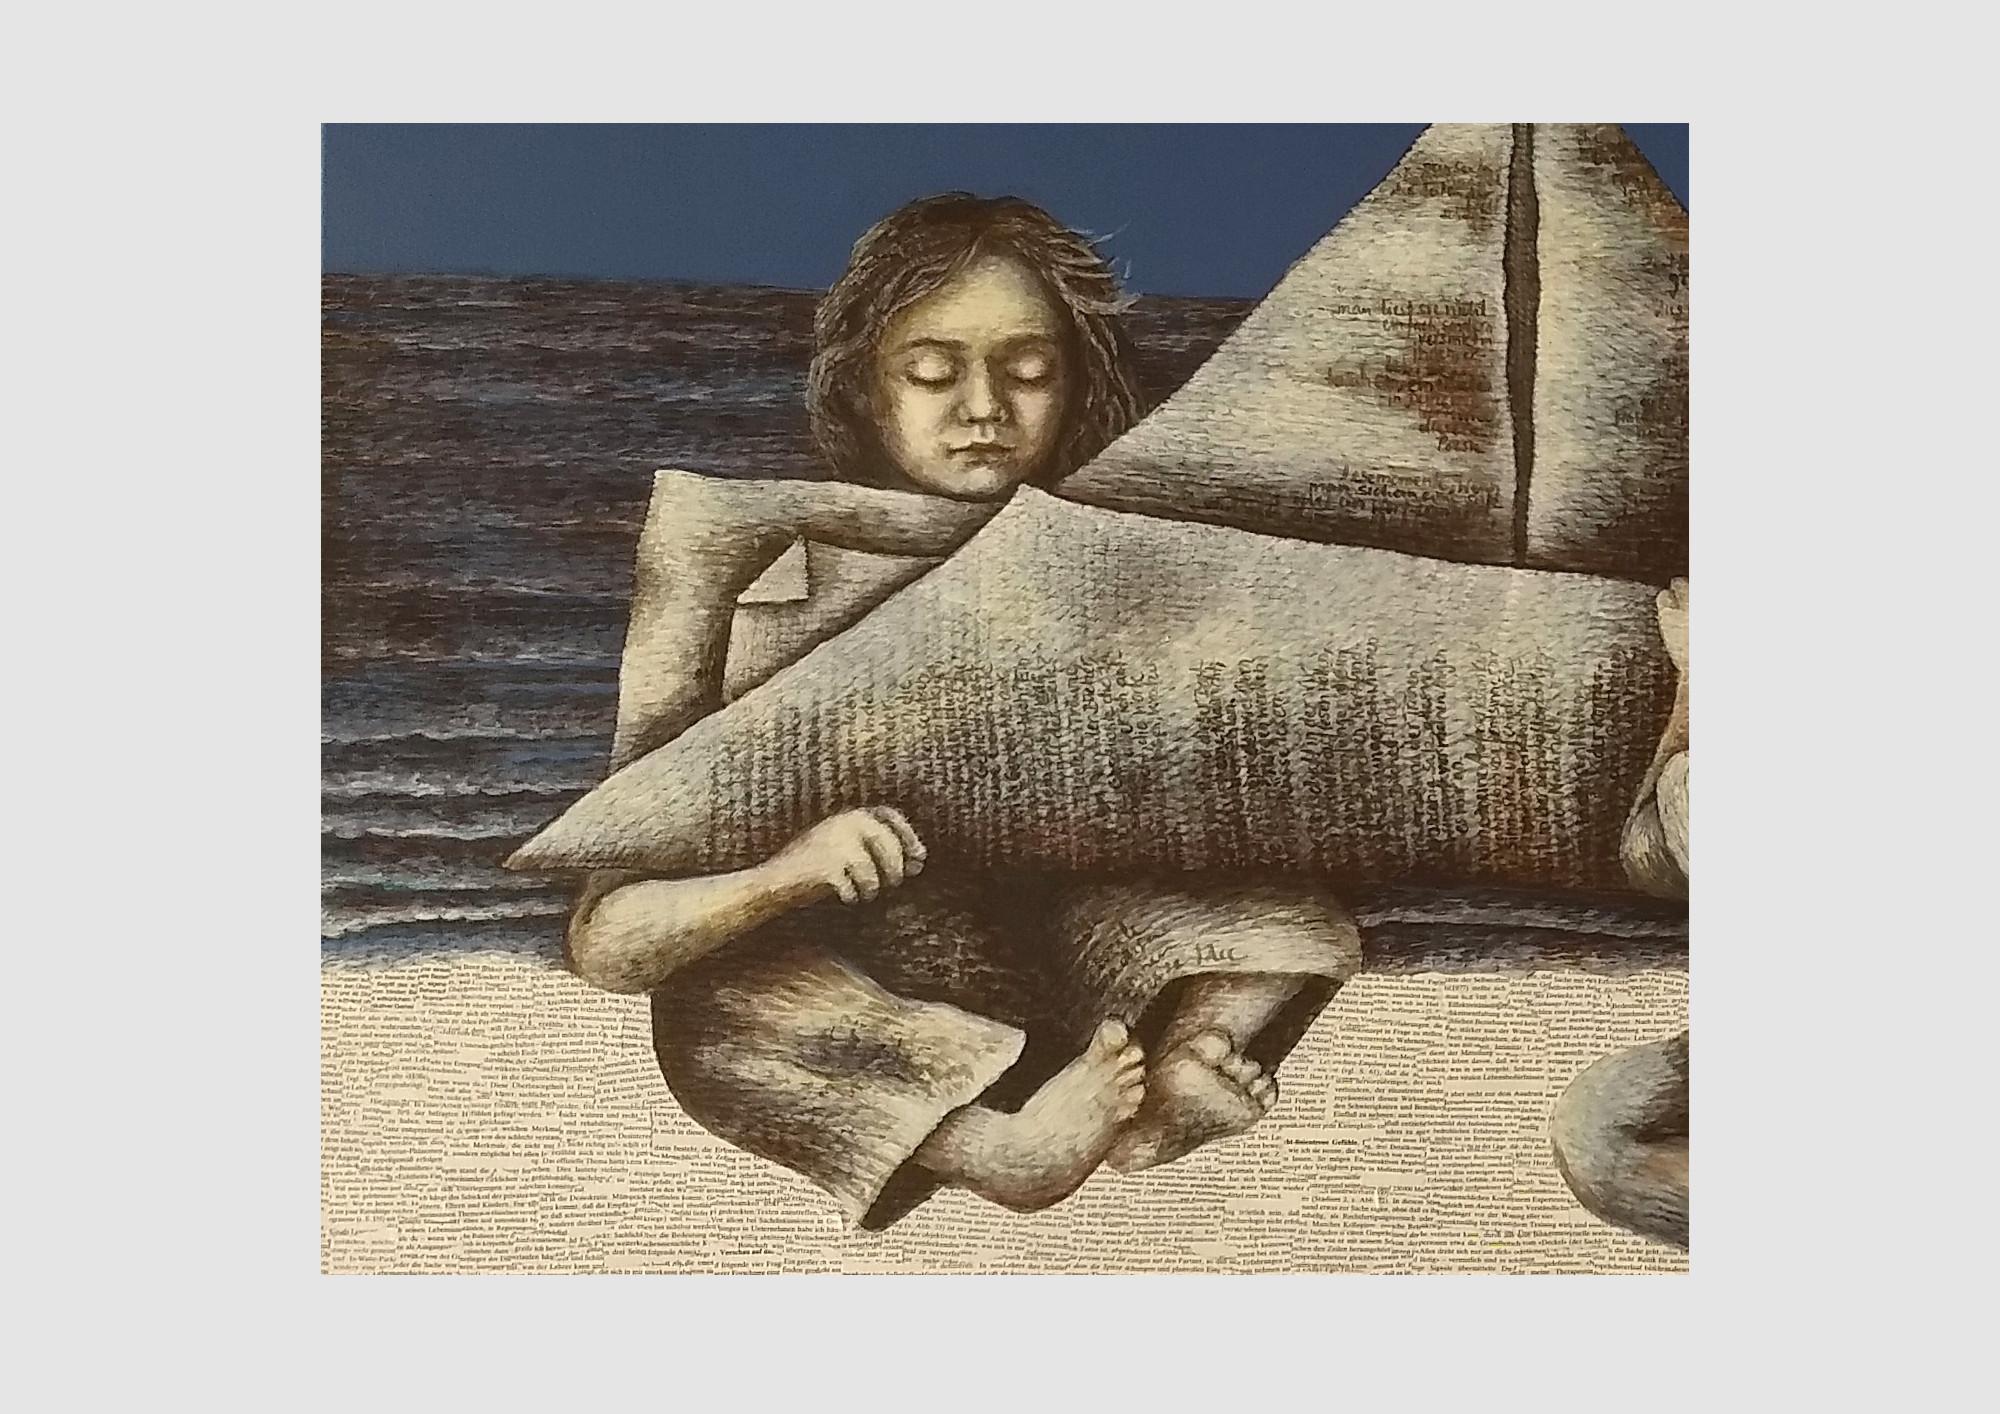 Bild mit lesenden Kinder: Die beiden kleinen Bücherwürmer haben eine Botschaft aus Büchern gefaltet und schicken die Geschichte über das Meer aus alten Buchseiten. Die alten Bücher erzählen so eine neue Geschichte.